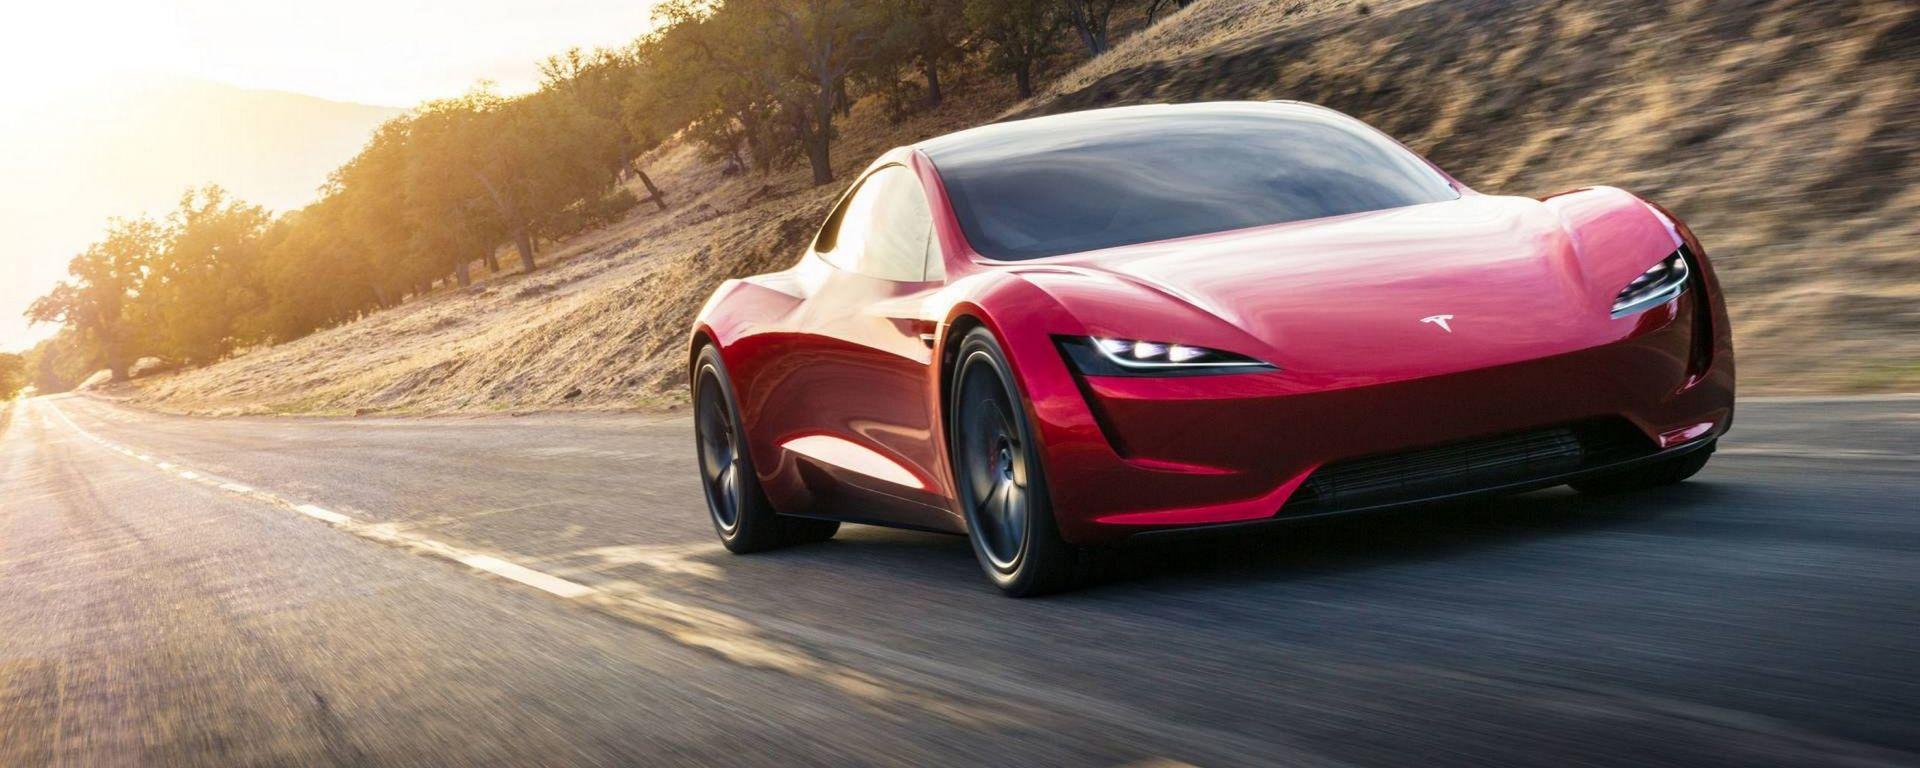 Nuova Tesla Roadster 2020: prezzo, prestazioni, scheda tecnica - MotorBox